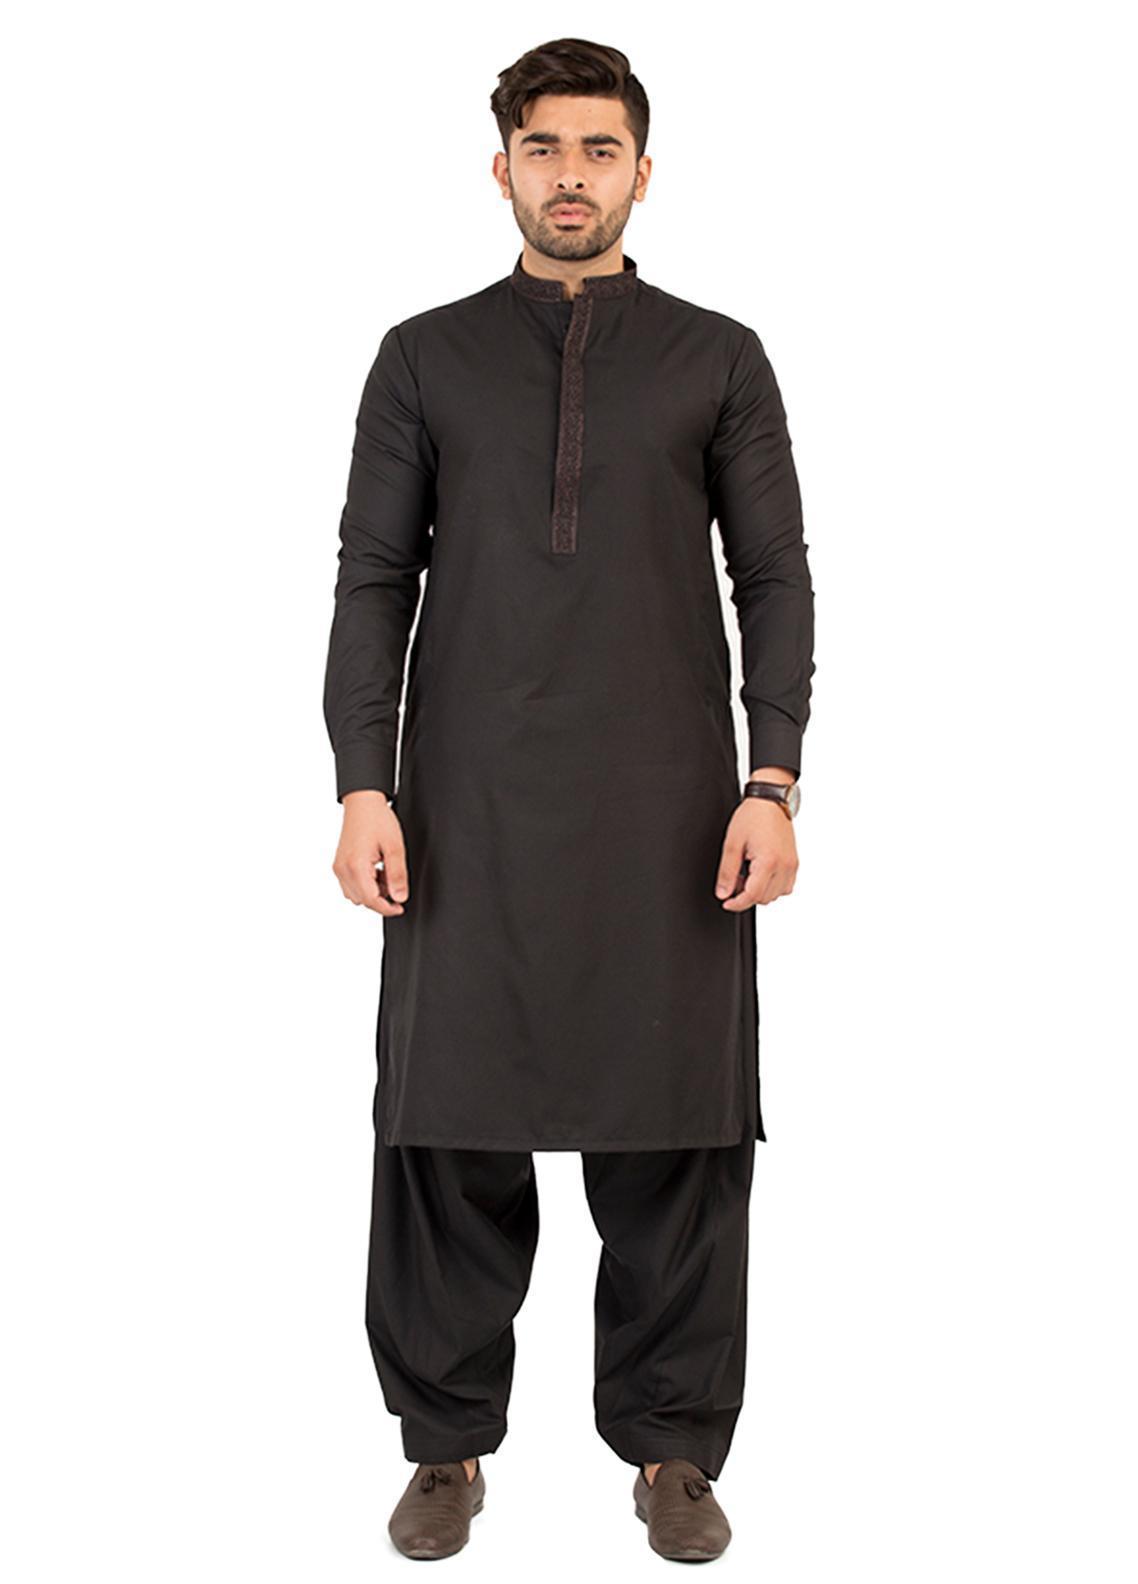 Shahzeb Saeed Wash N Wear Formal Kameez Shalwar for Men - Black SK-206